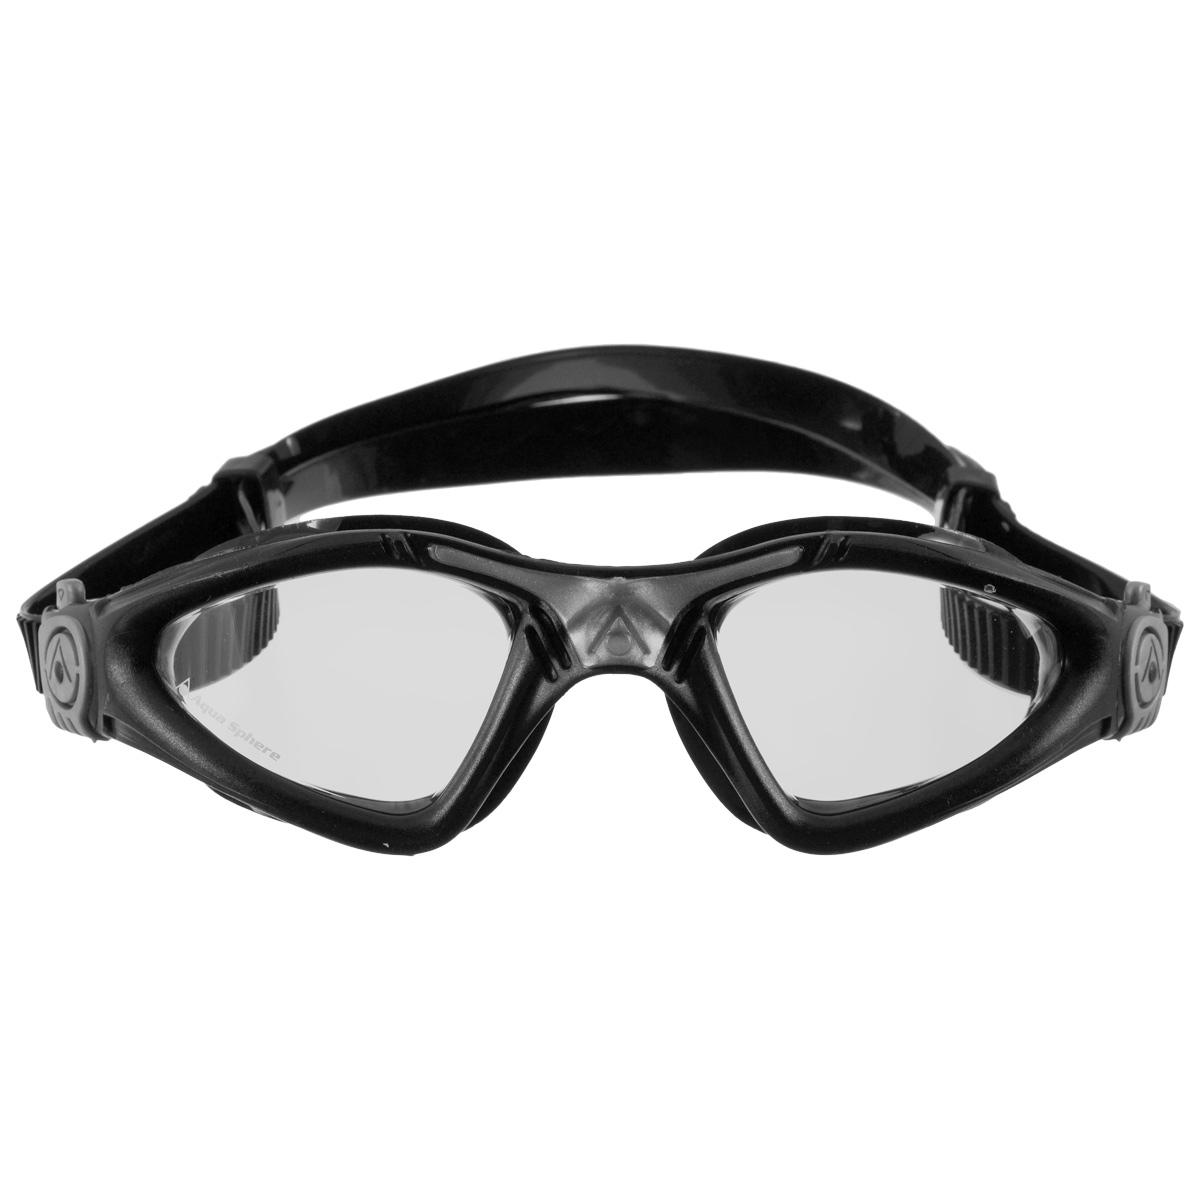 """Очки для плавания Aqua Sphere """"Kayenne"""", прозрачные линзы, цвет: серебристый, черный"""